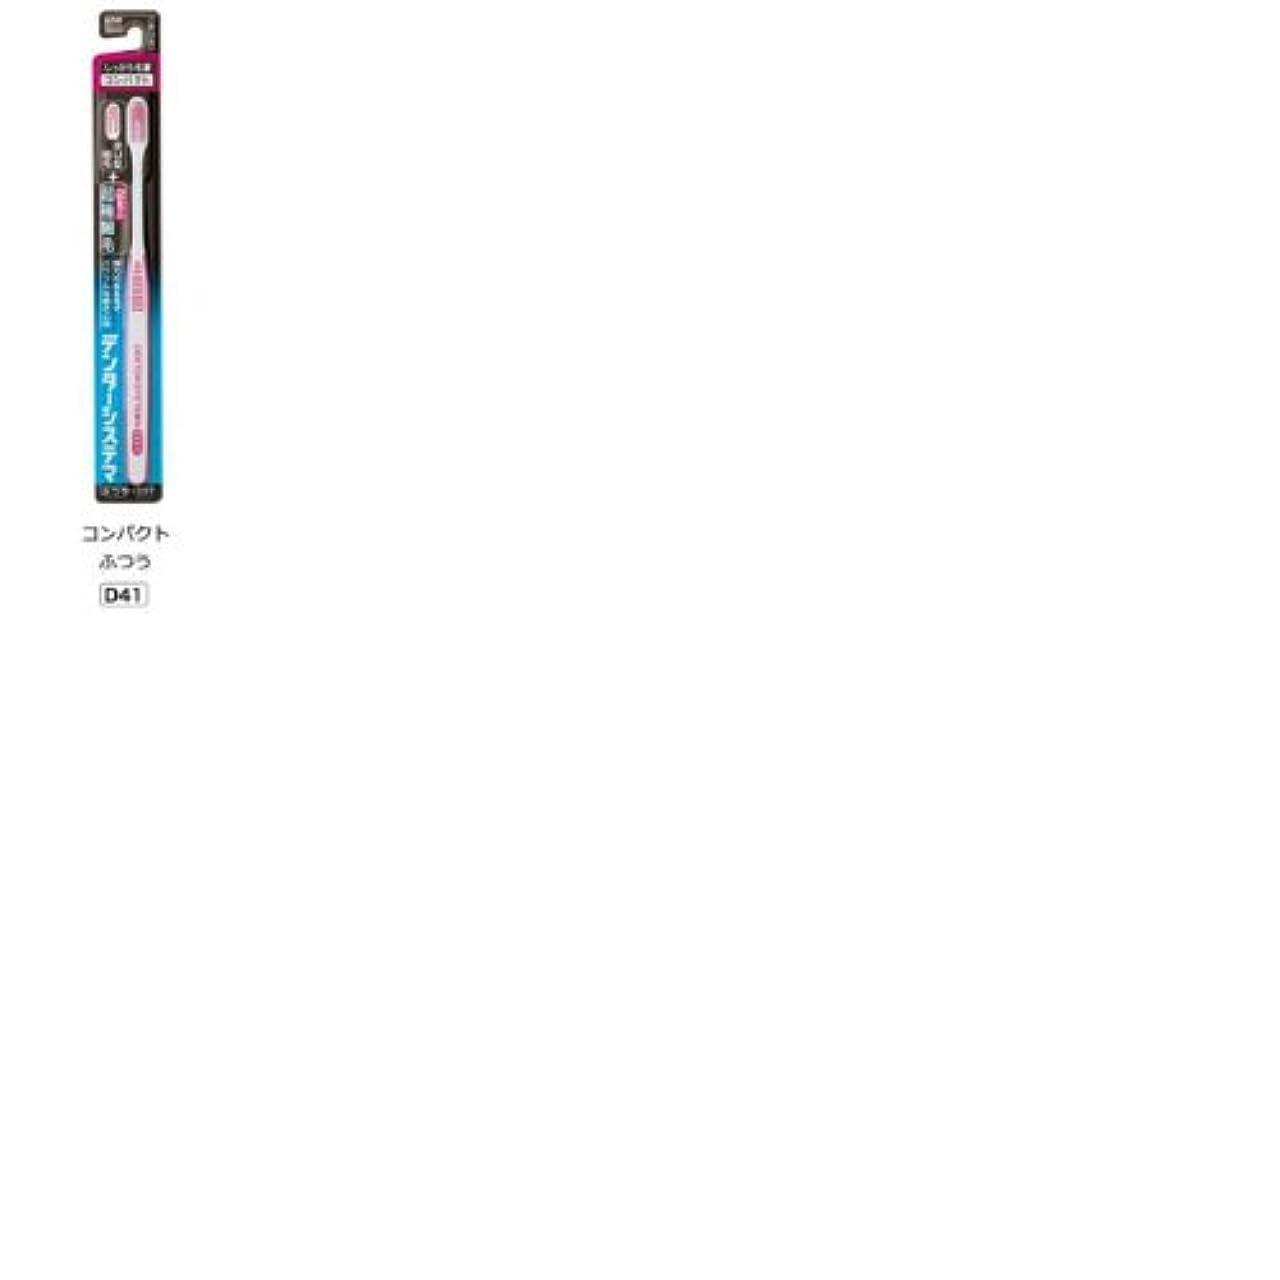 添加剤メディカル質量デンターシステマハブラシしっかり毛腰タイプコンパクトふつう×12本